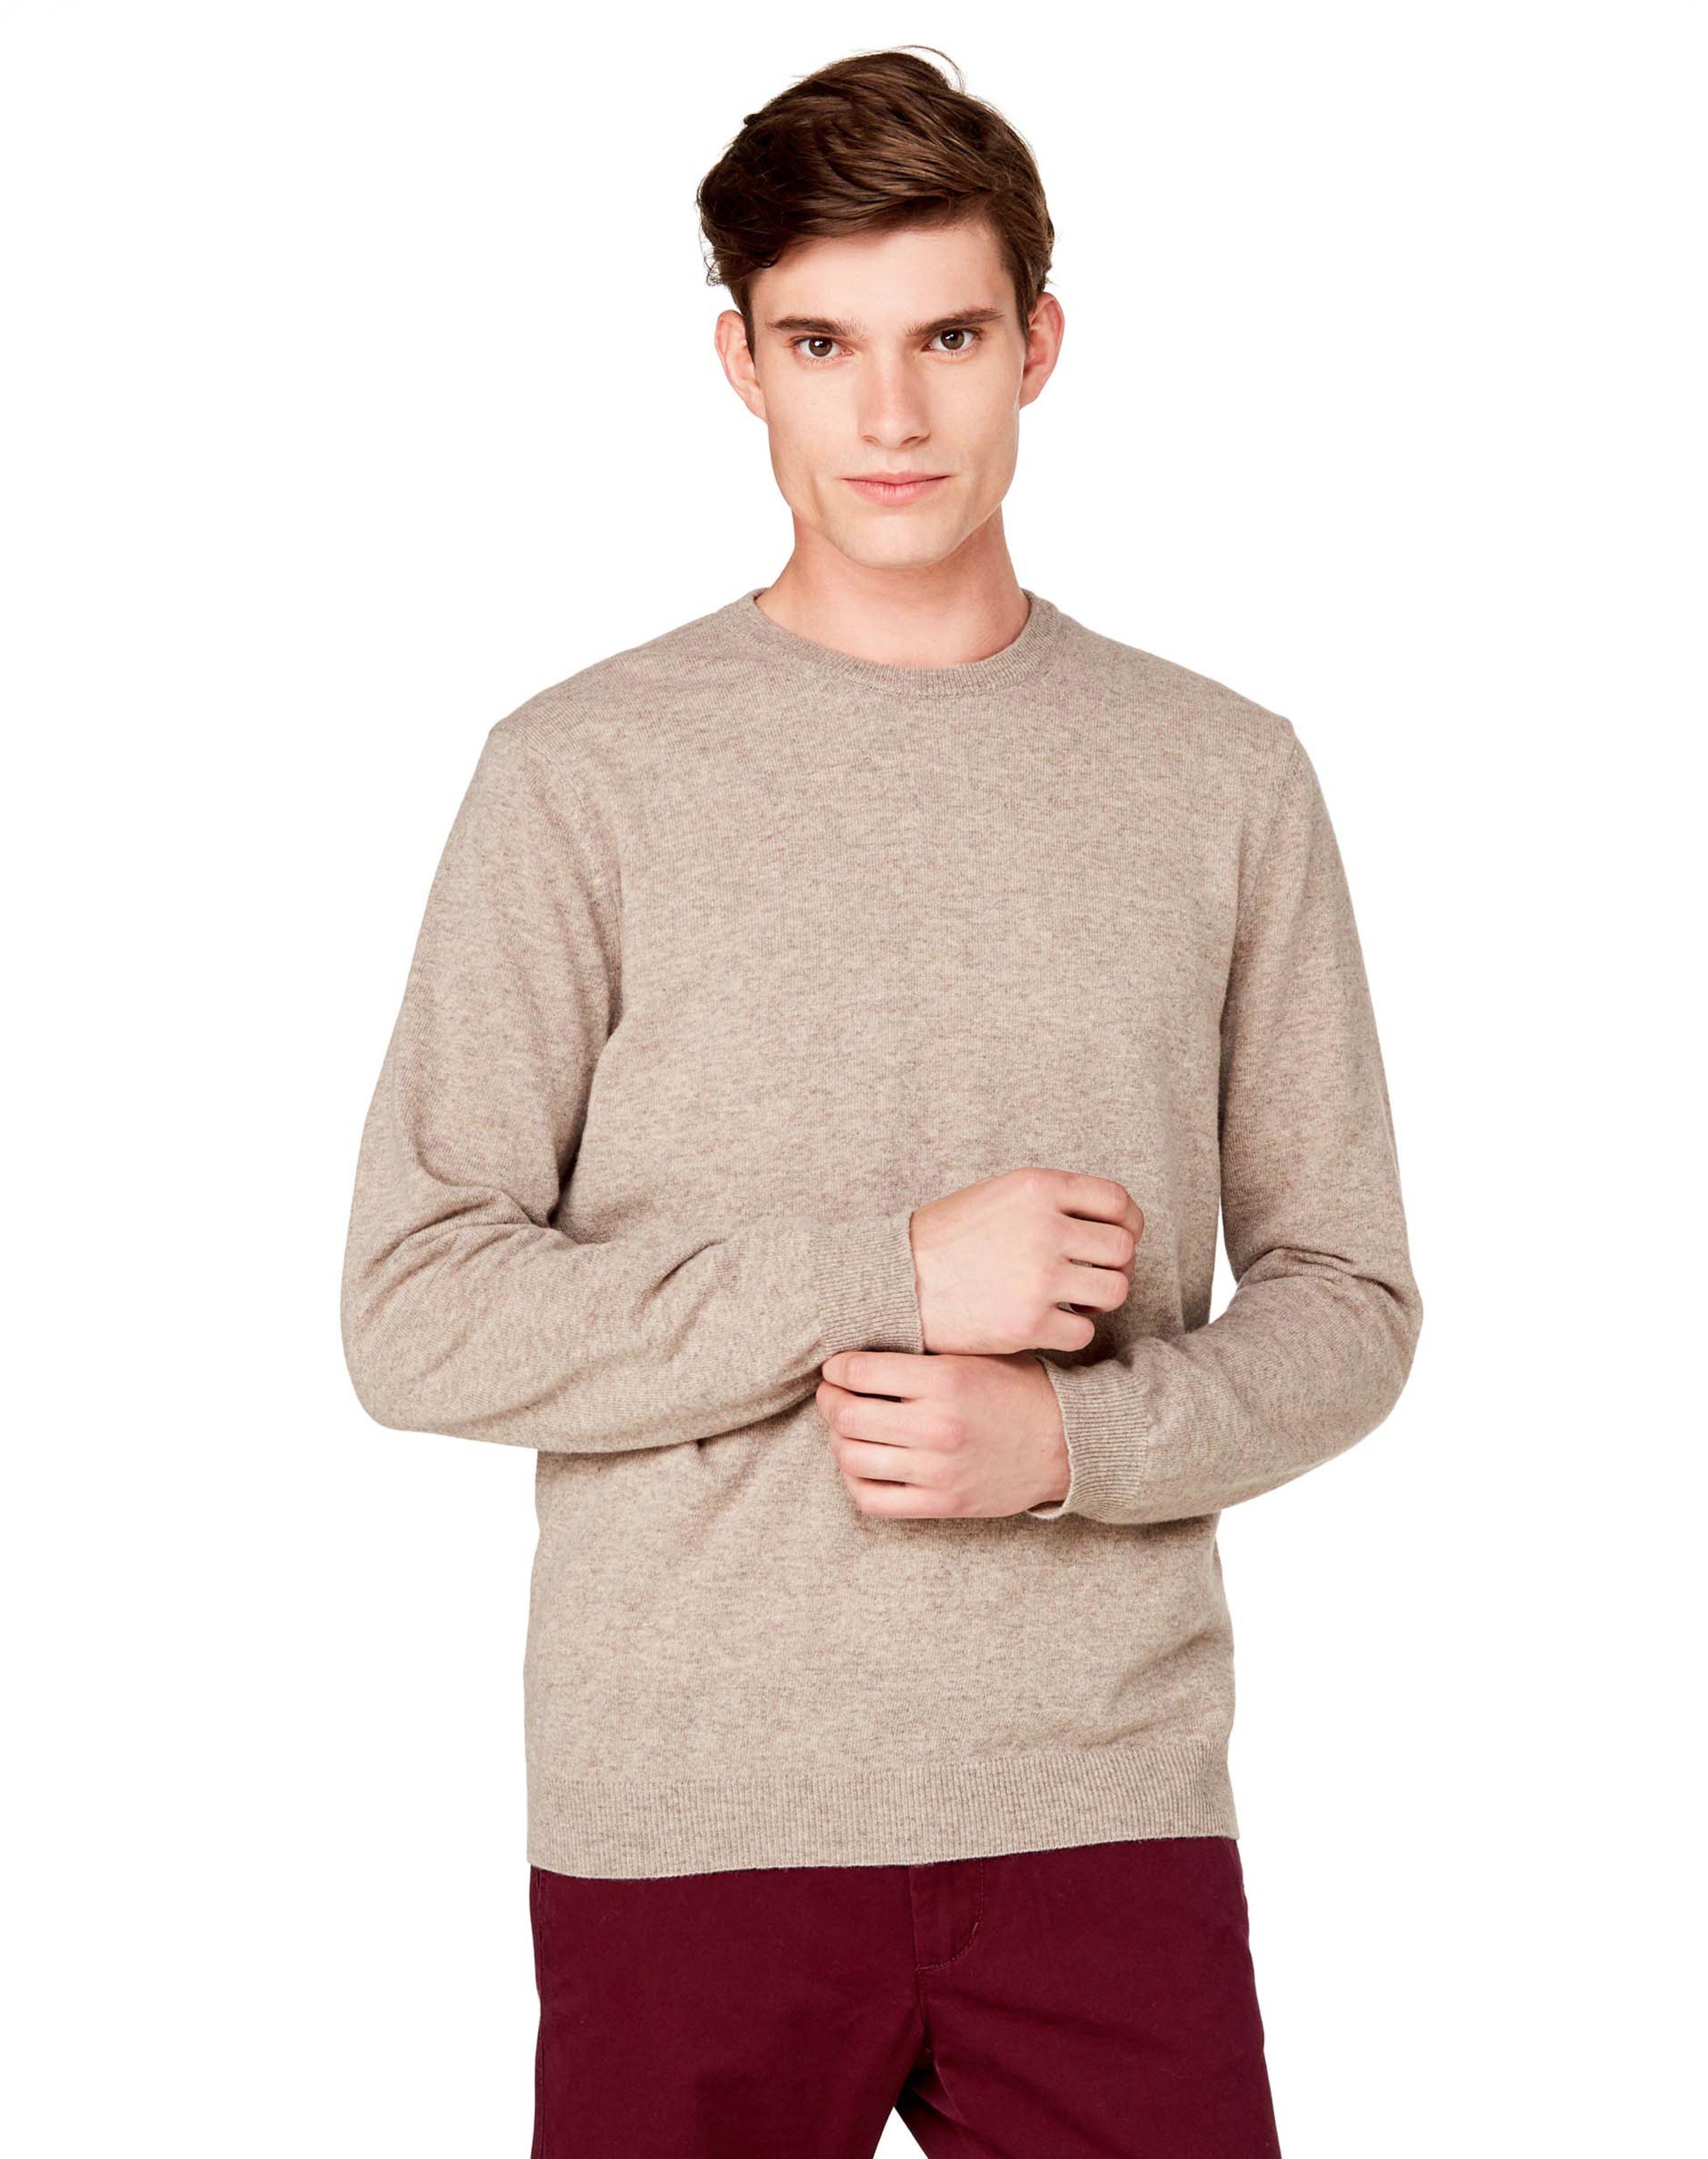 ДжемперДжемперы<br>Джемпер с длинным рукавом и круглым вырезом из 100% шерсти. Мягкий на ощупь и обладающий превосходной теплозащитой. Регулярный силуэт.<br>Цвет: Бежевый; Размер: S;